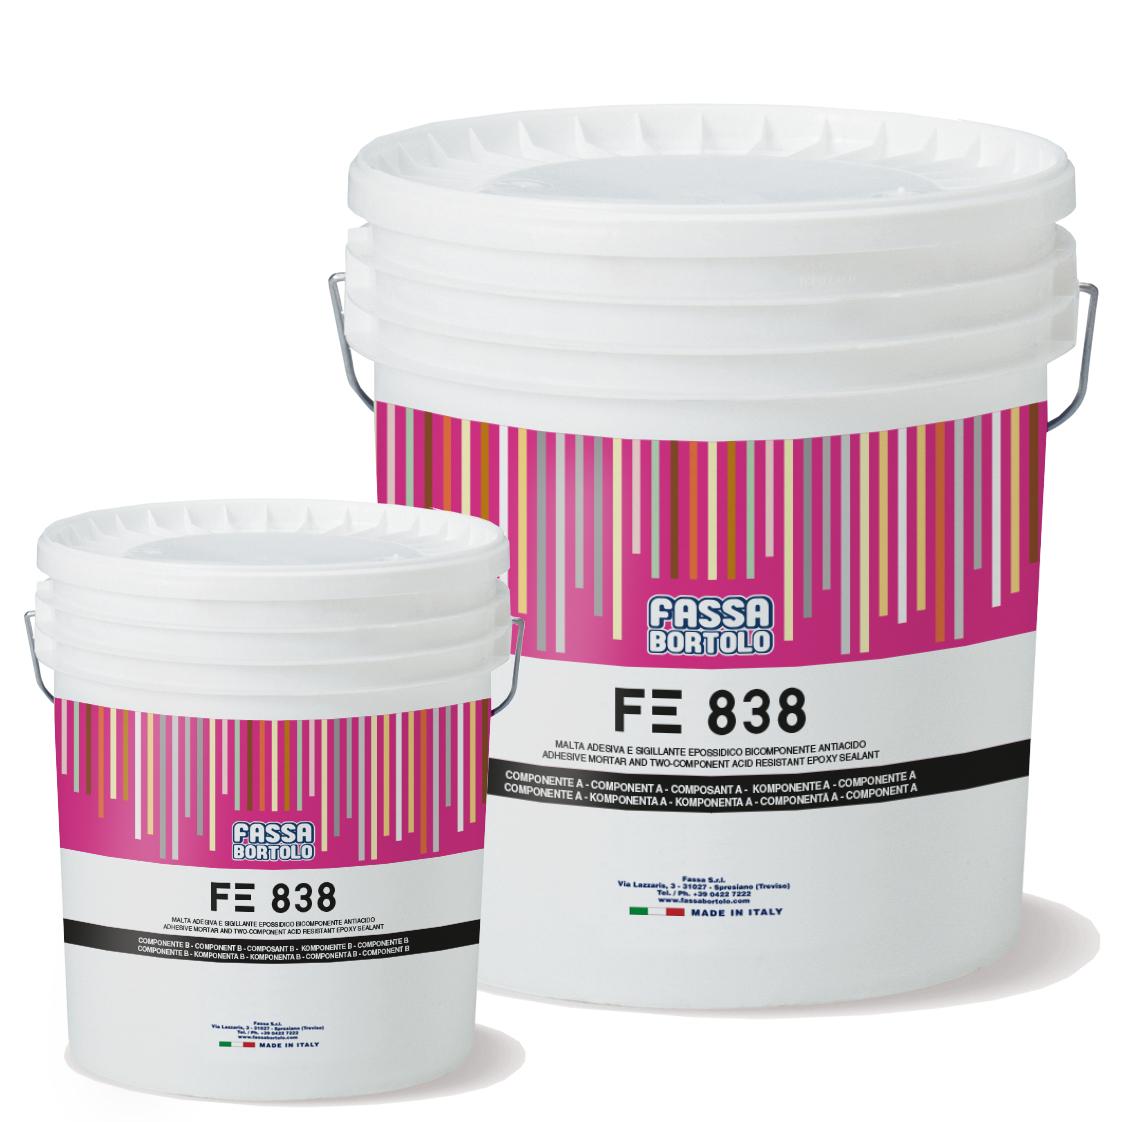 FE 838: Mortero adhesivo y sellador epoxídico bicomponente, antiácido, para juntas de al menos 3 mm, para interiores y exteriores